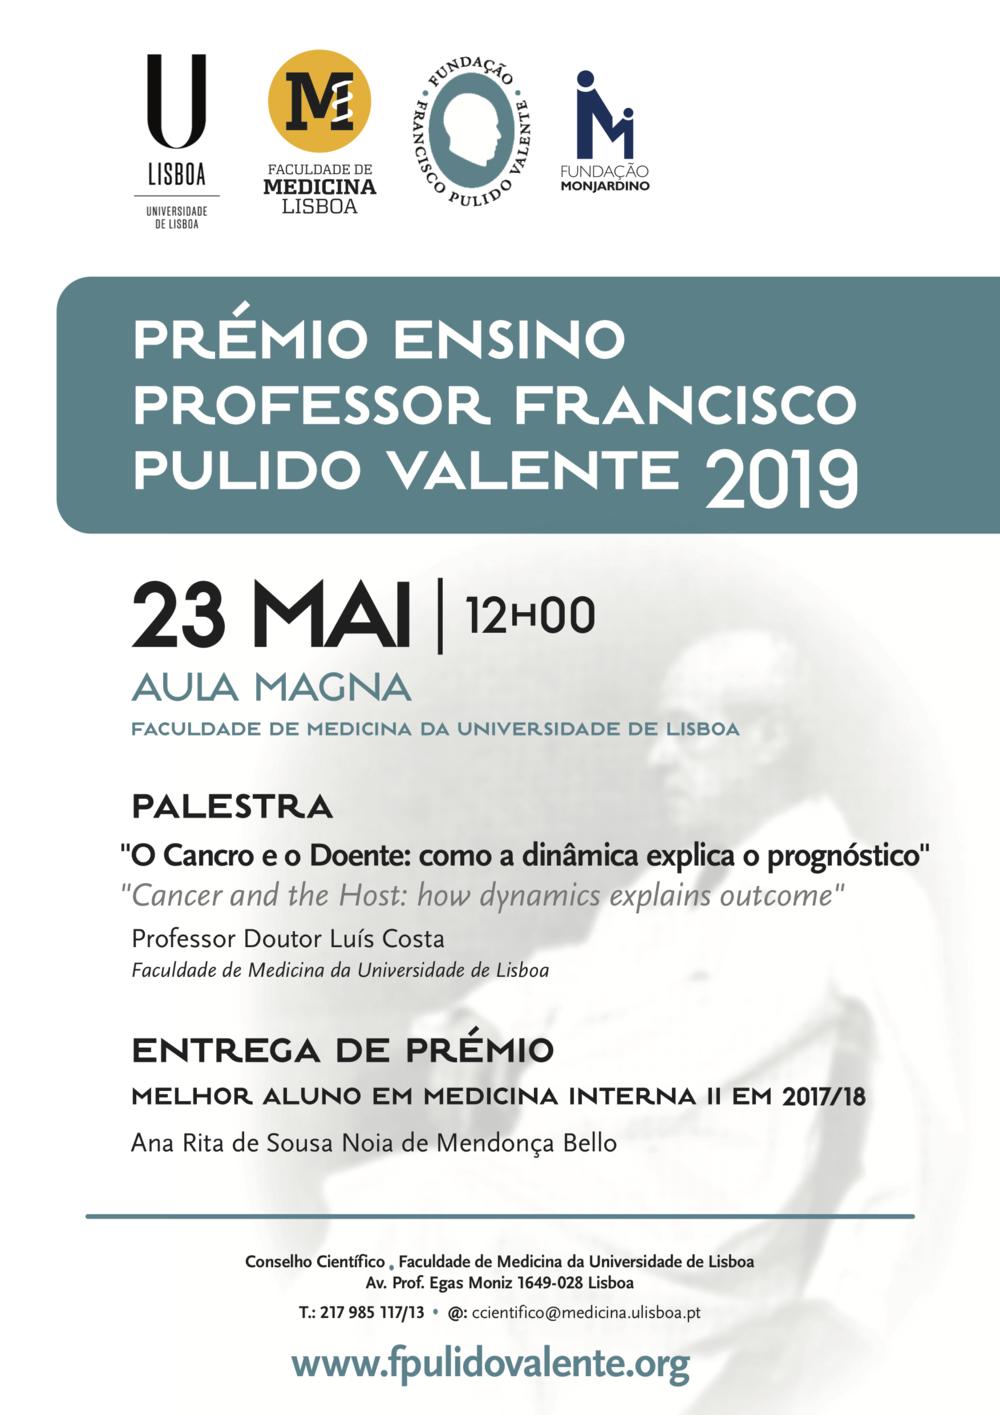 PremioPulidoValente2019.png